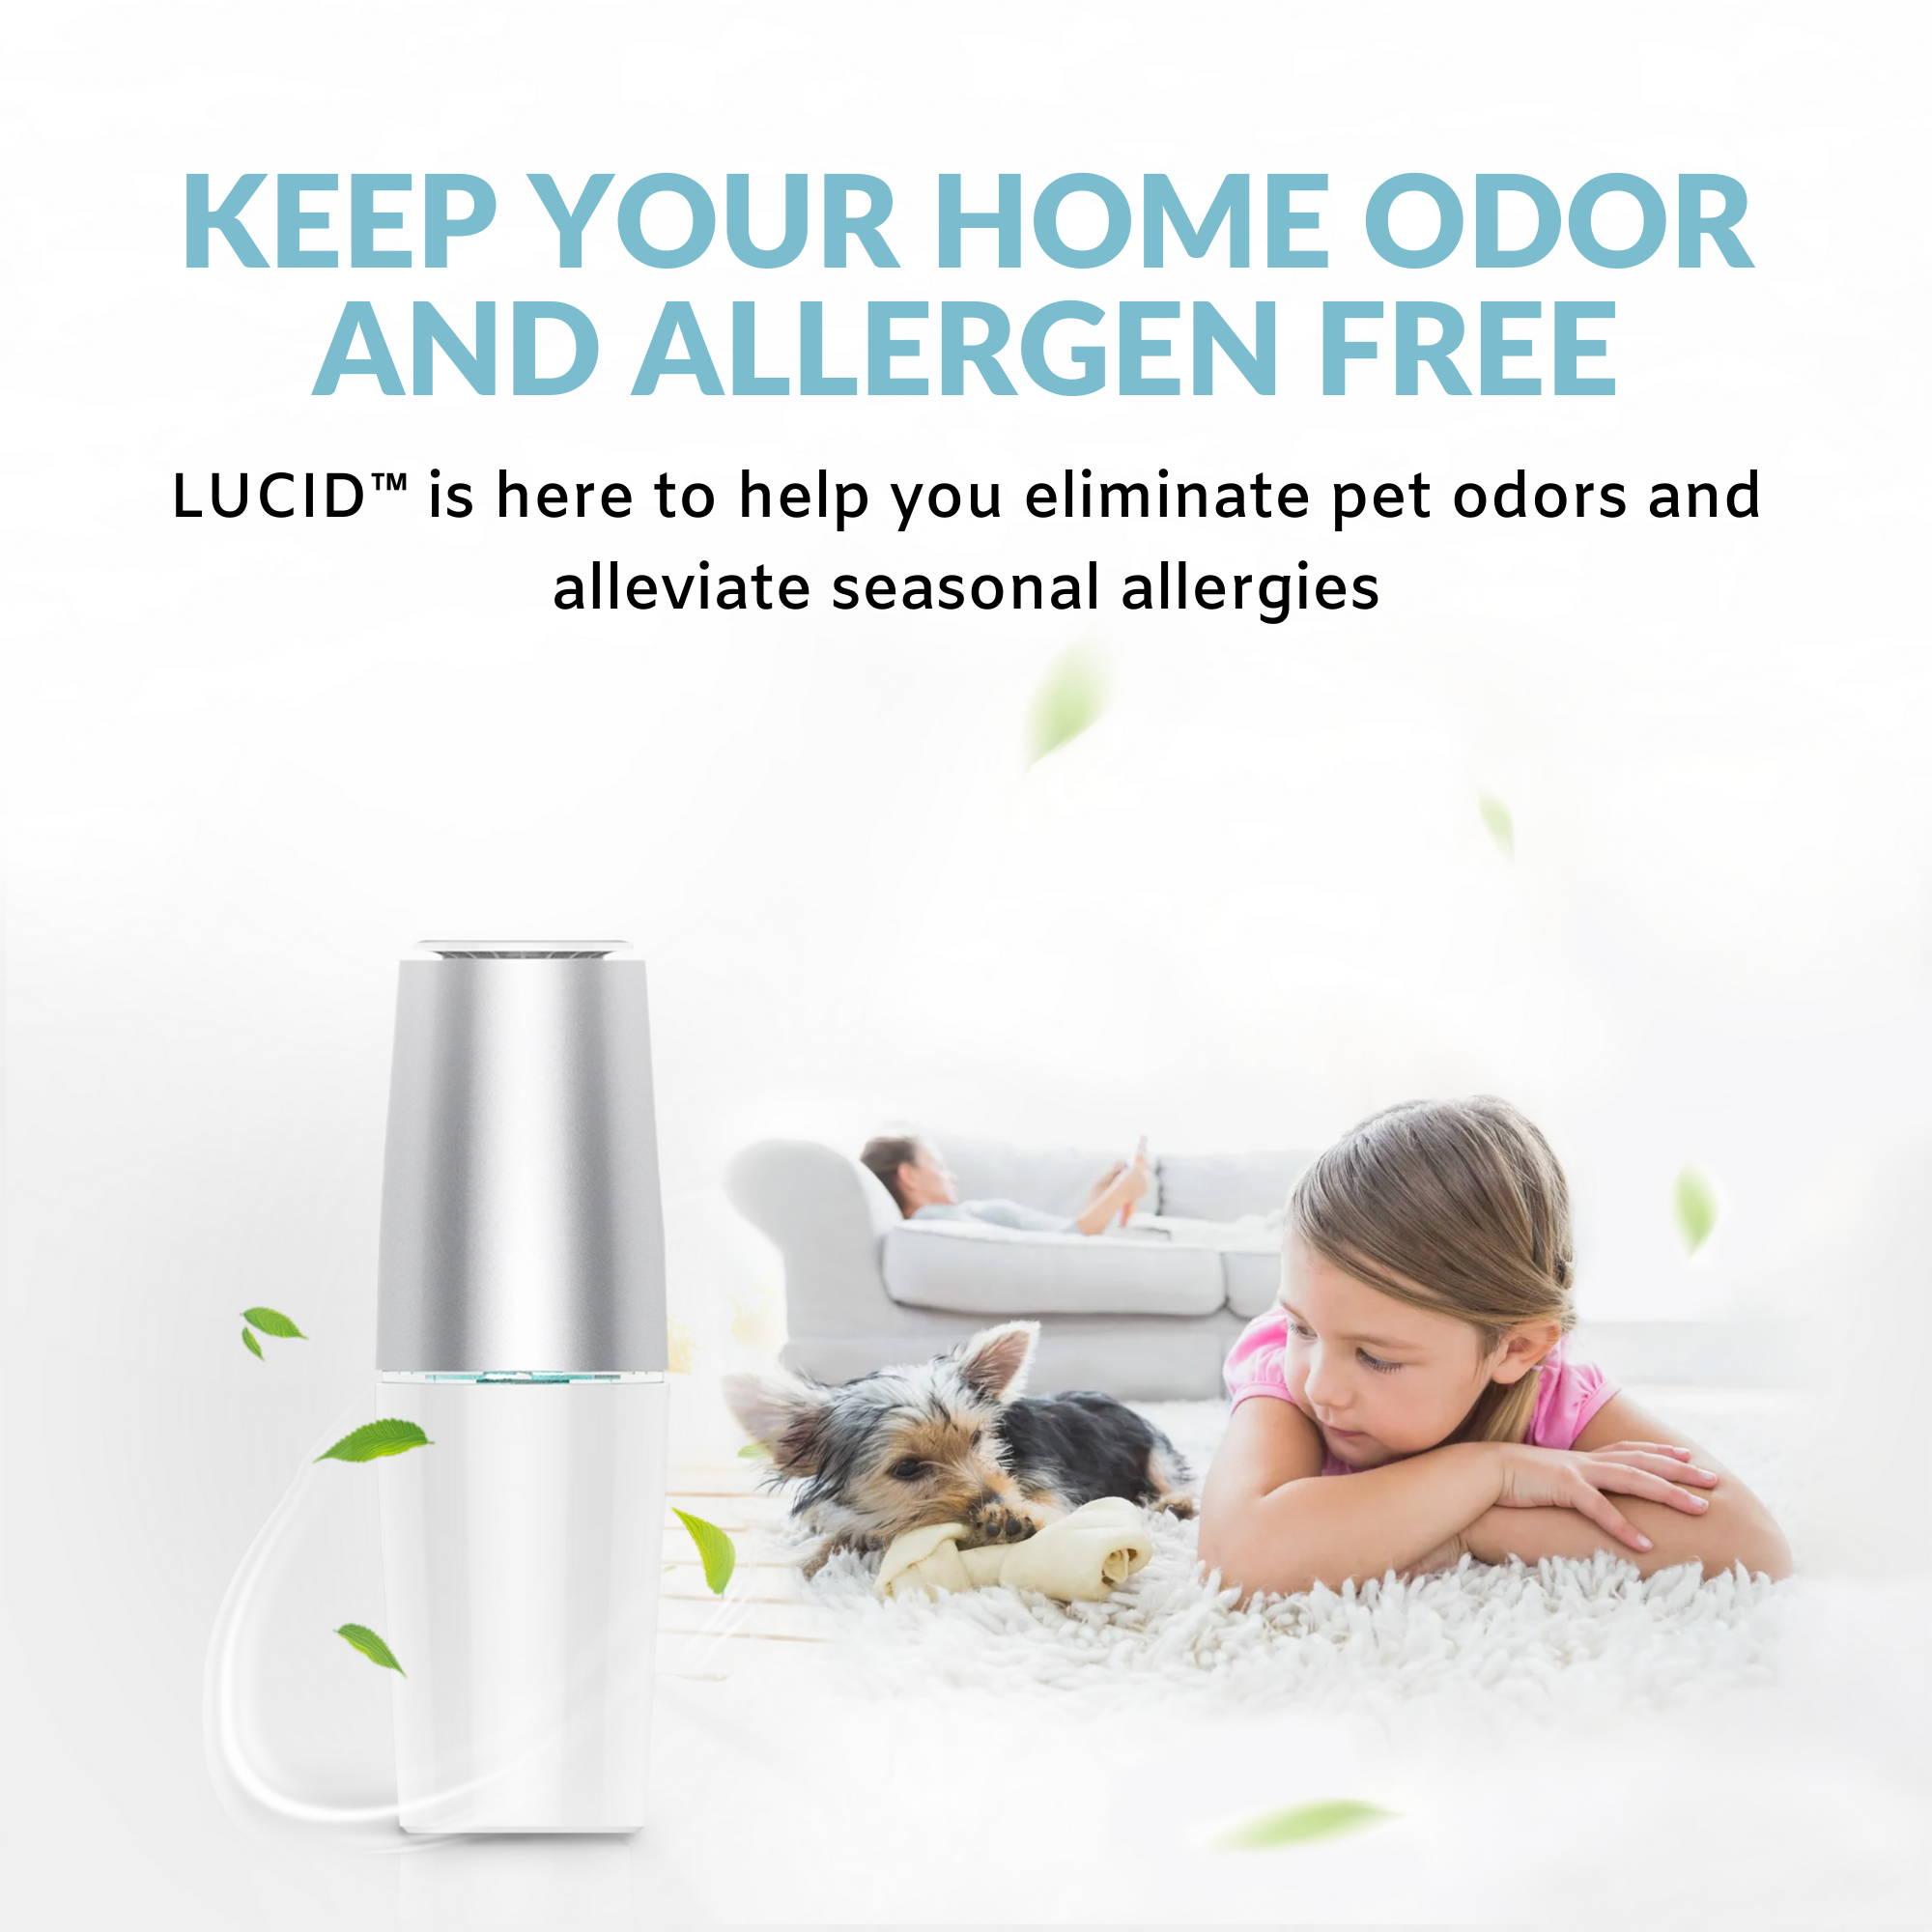 LUCID Air Purifier, pet odor air purifier, plug in air purifier, portable cordless air filter, uv air purifier kill viruses